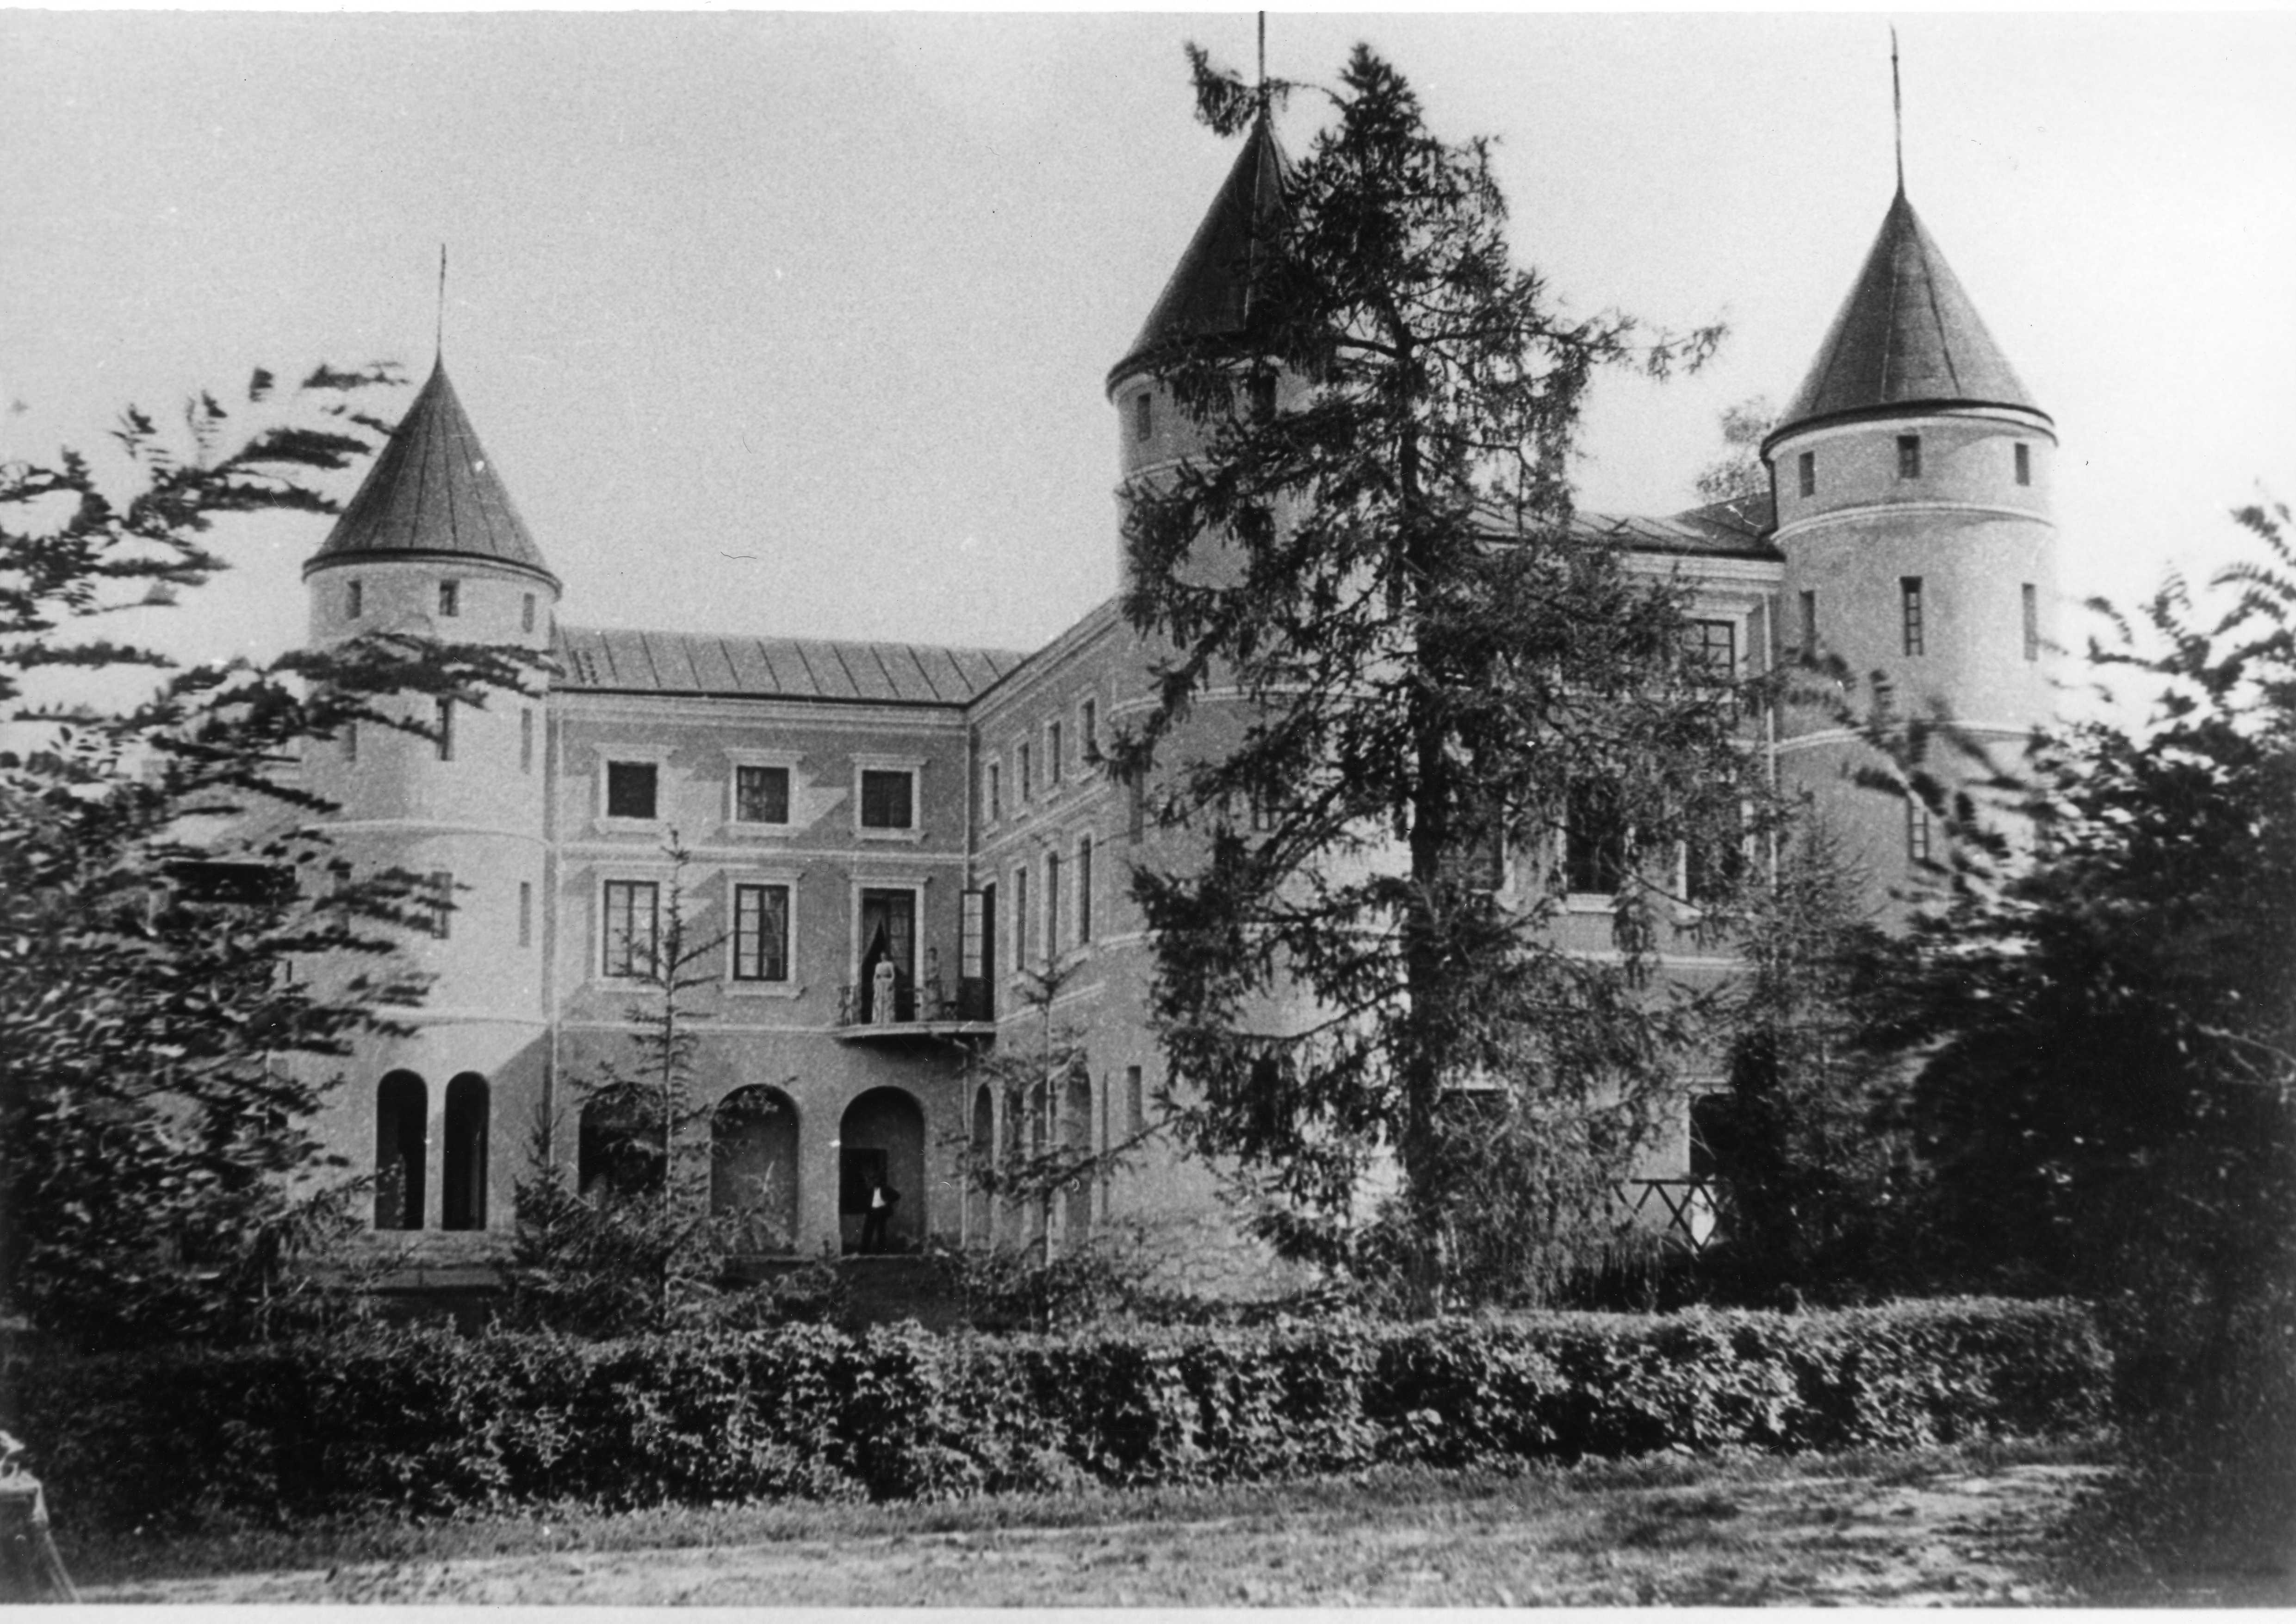 Palace in Wzdow, property of Ostaszewski family